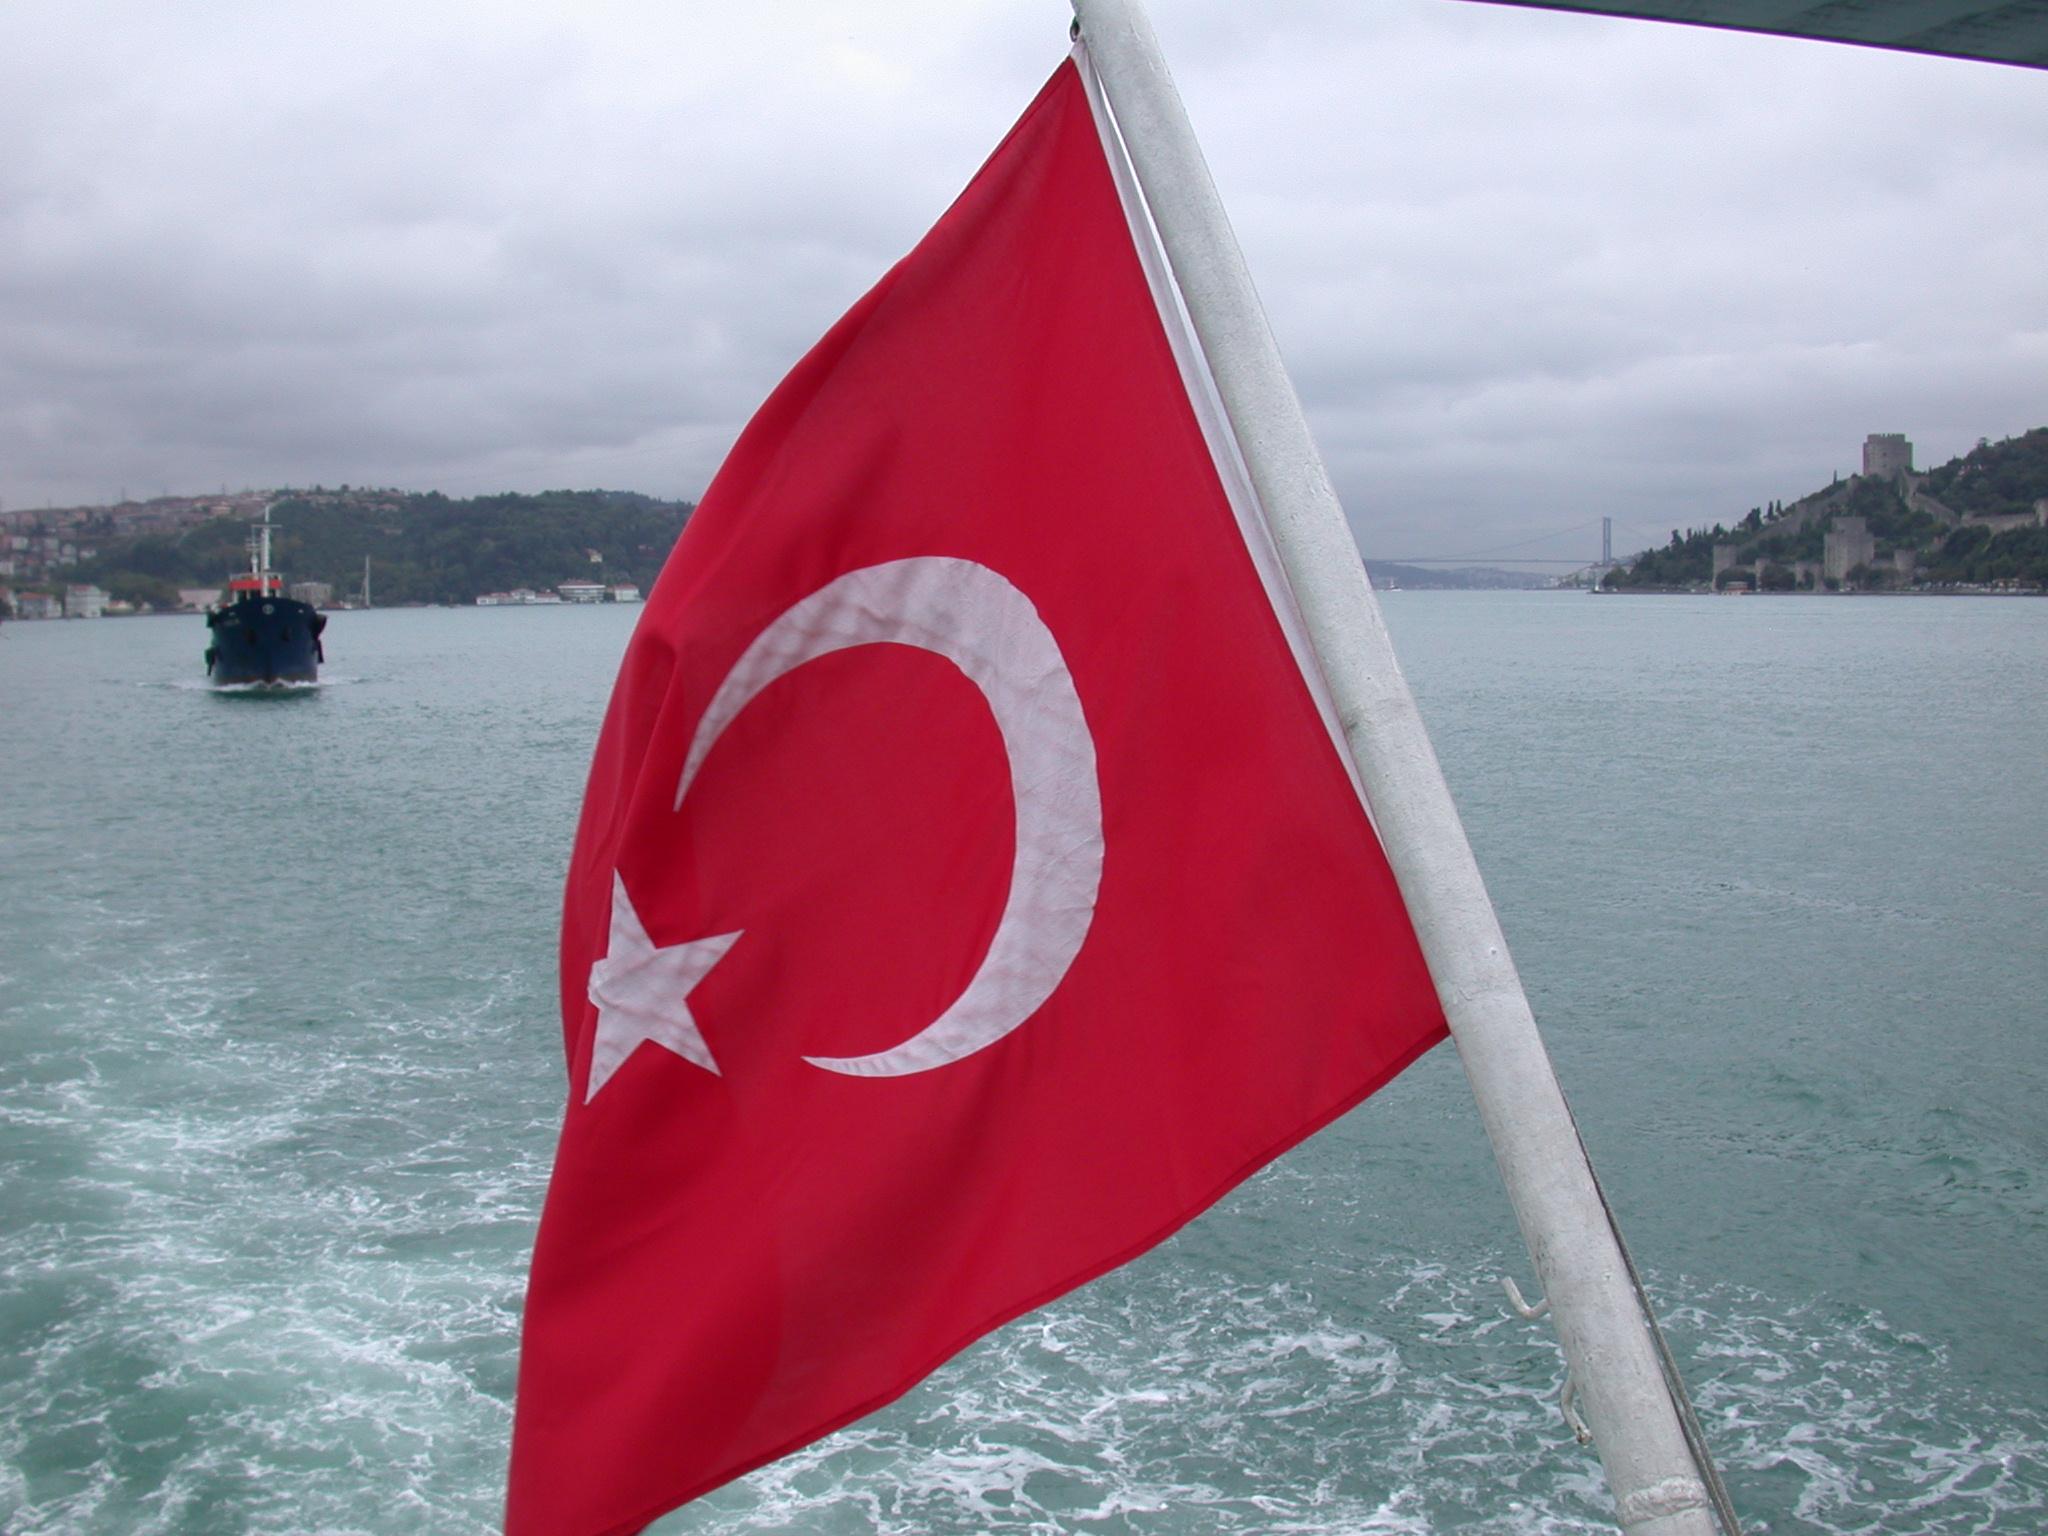 Vámonos a Egipto y Turquía (15 días)